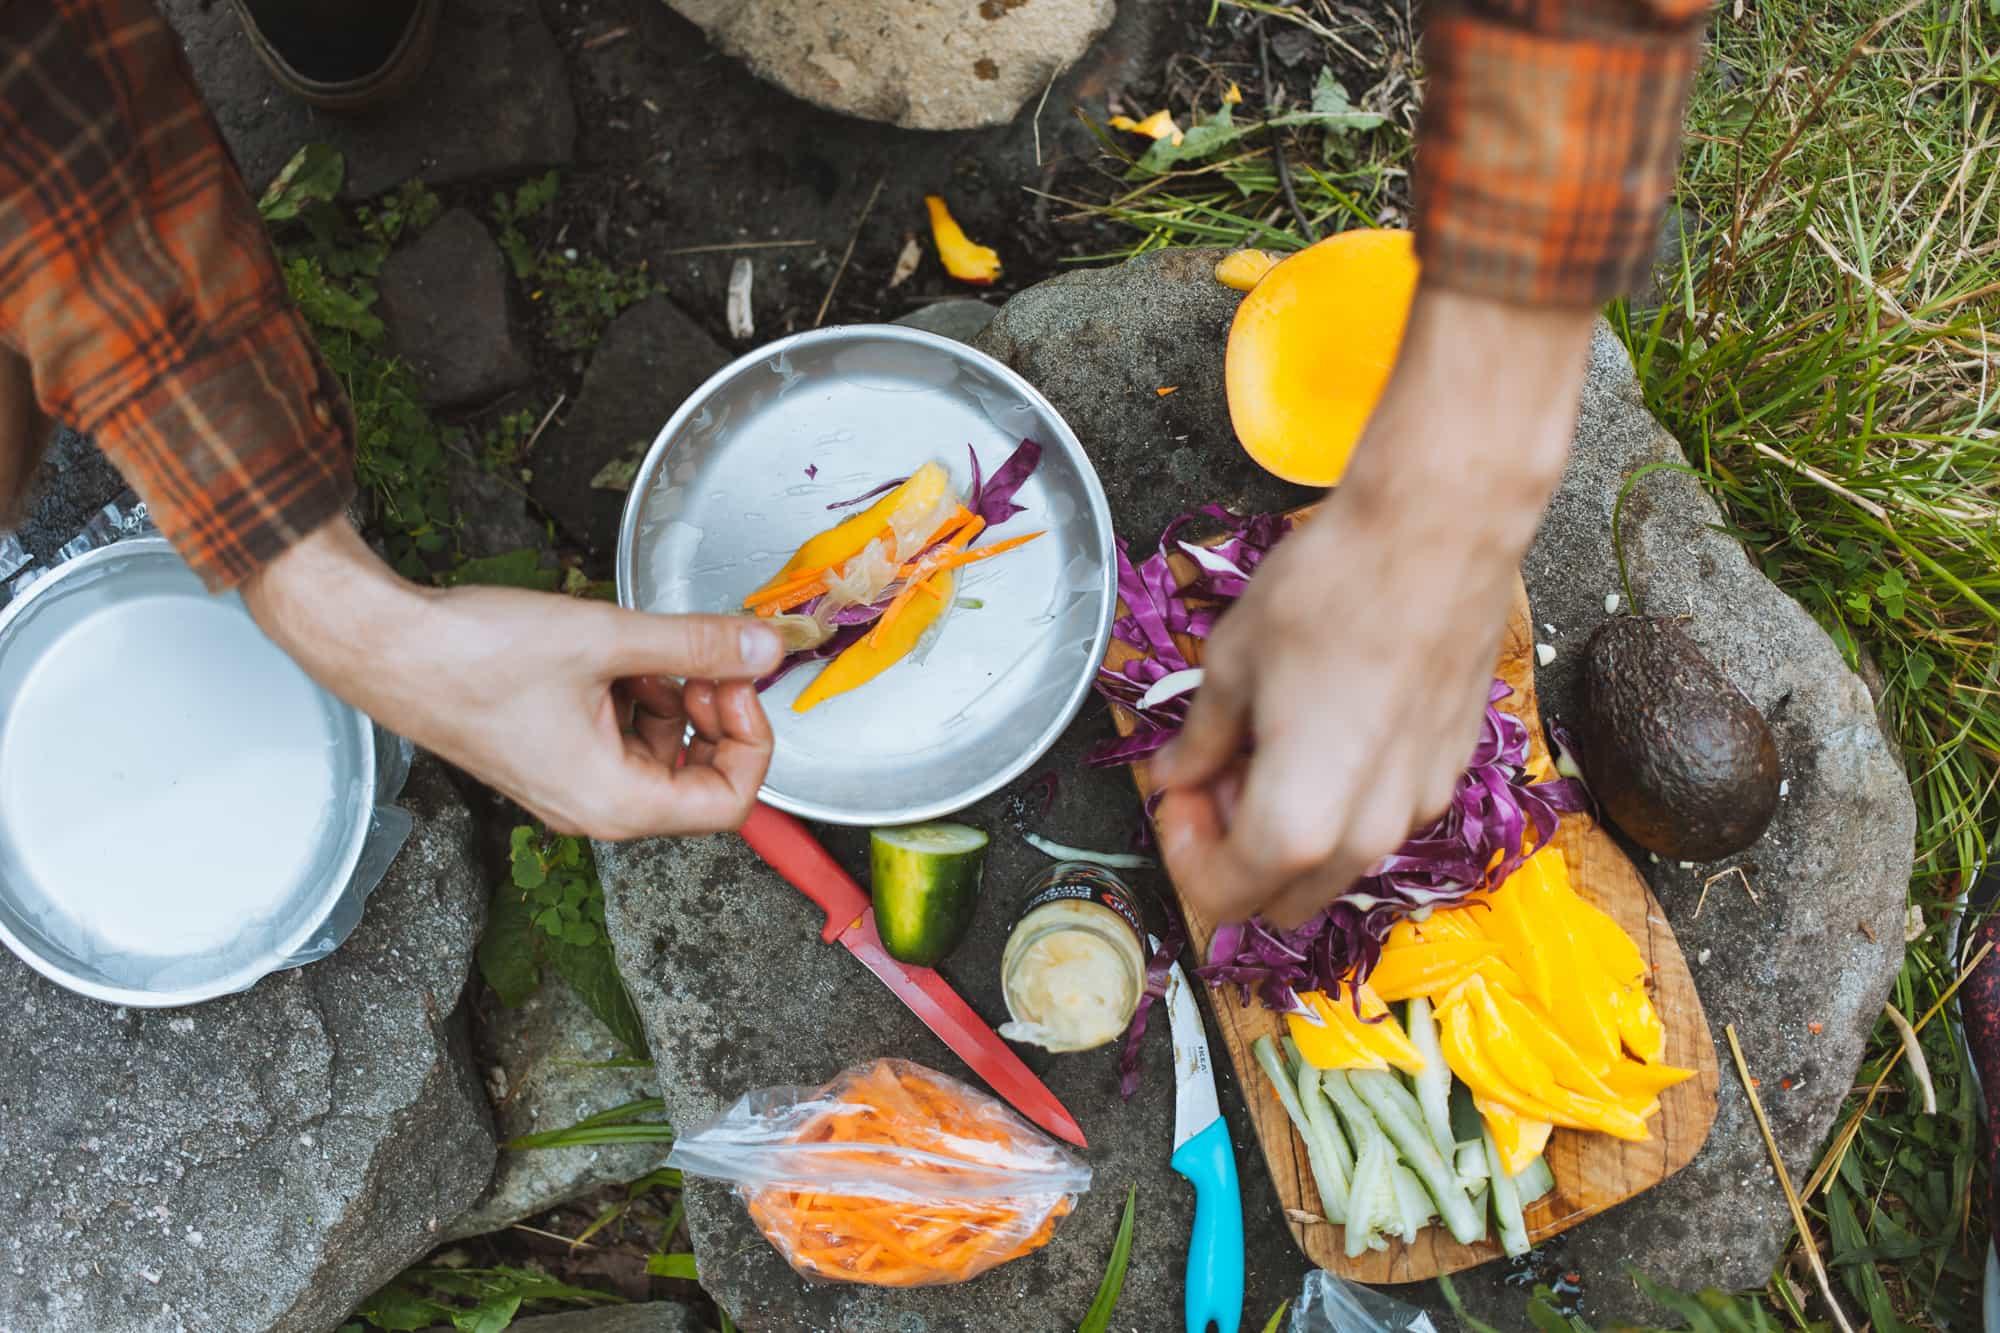 Hands assembling a fresh spring roll